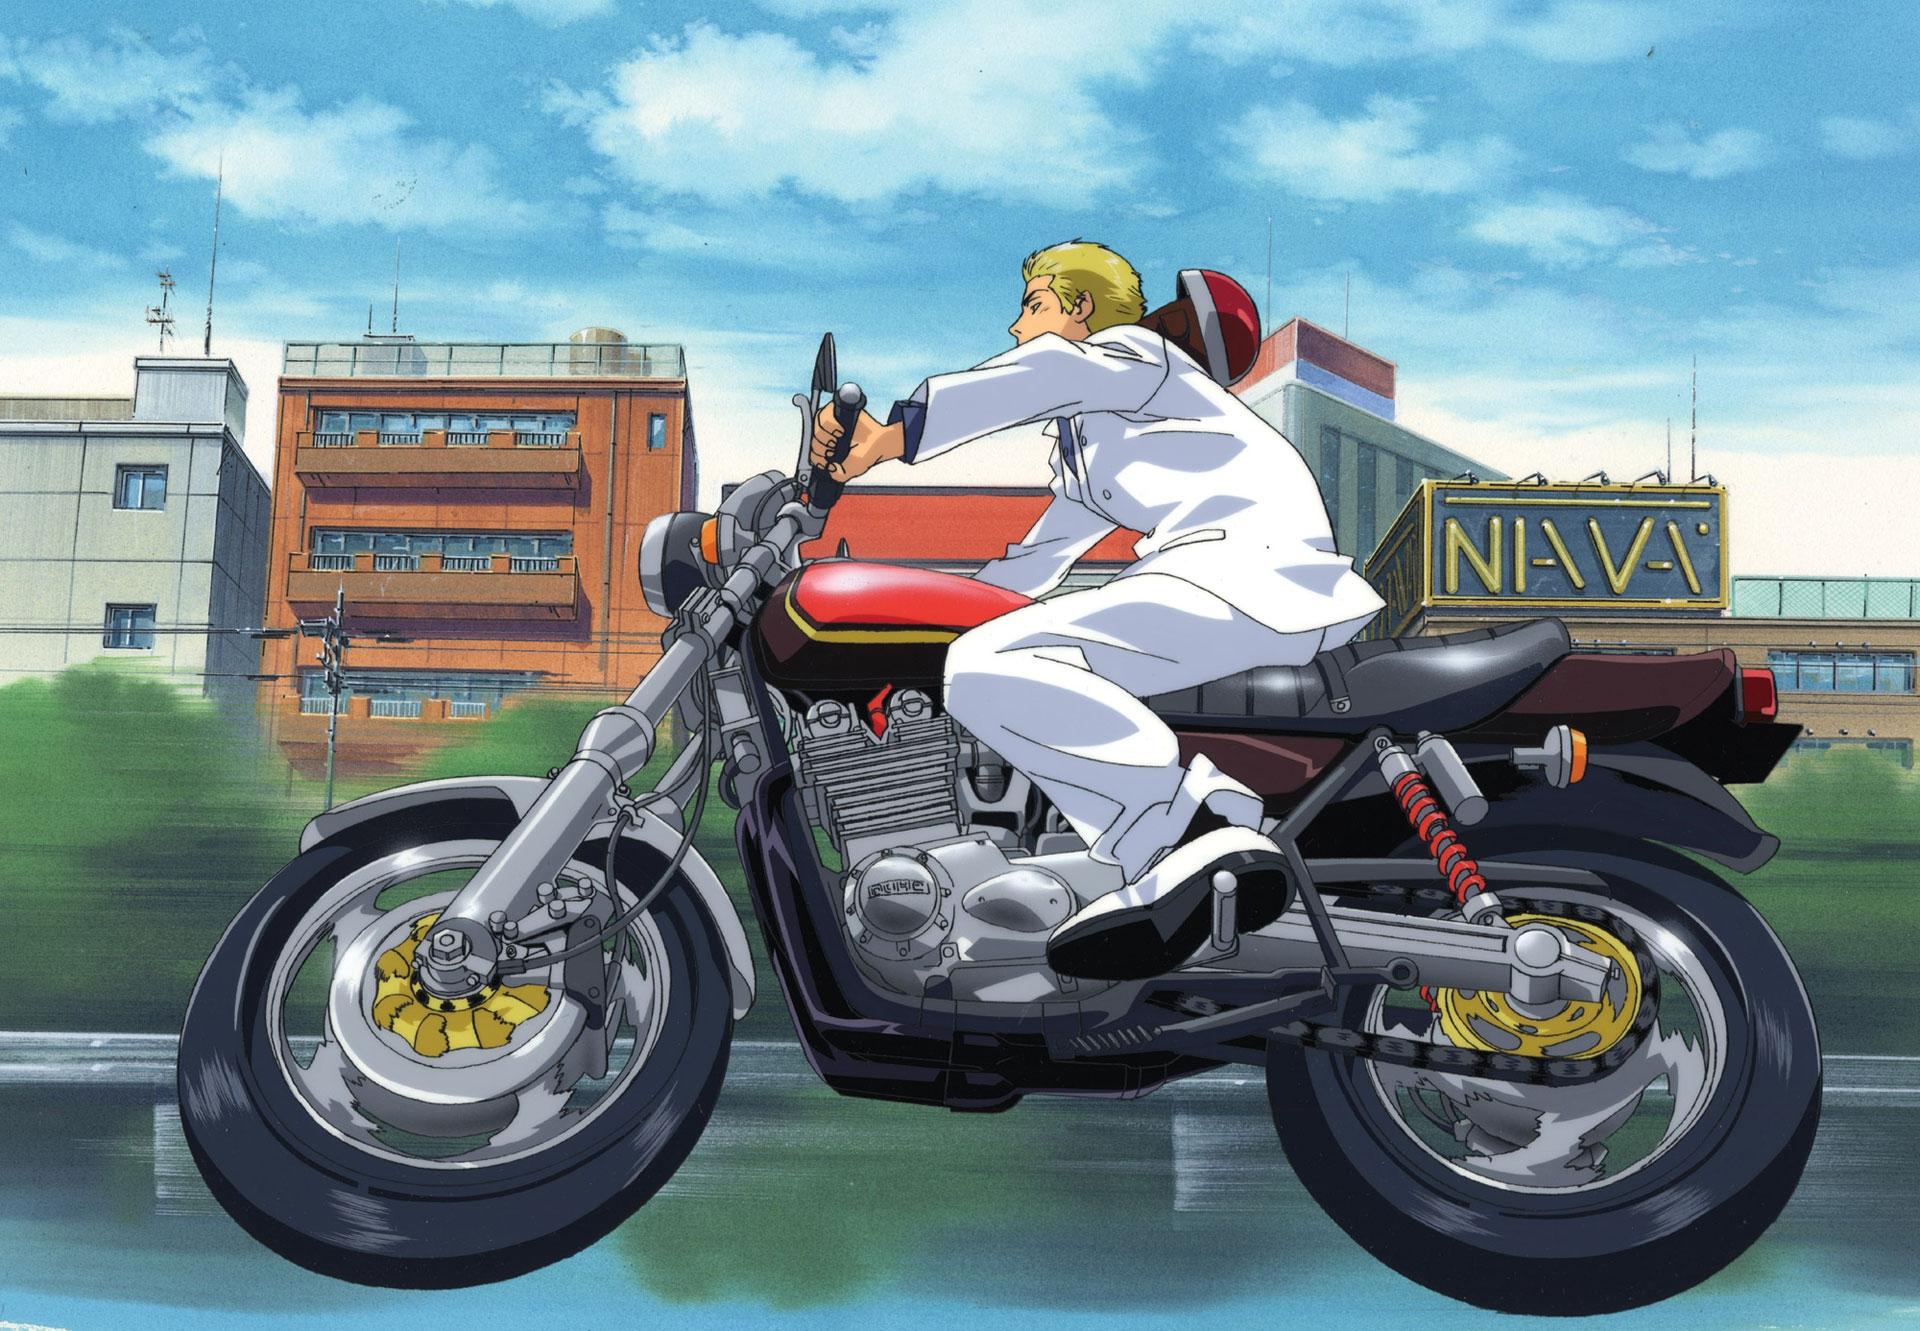 Kawasaki Gto Sports